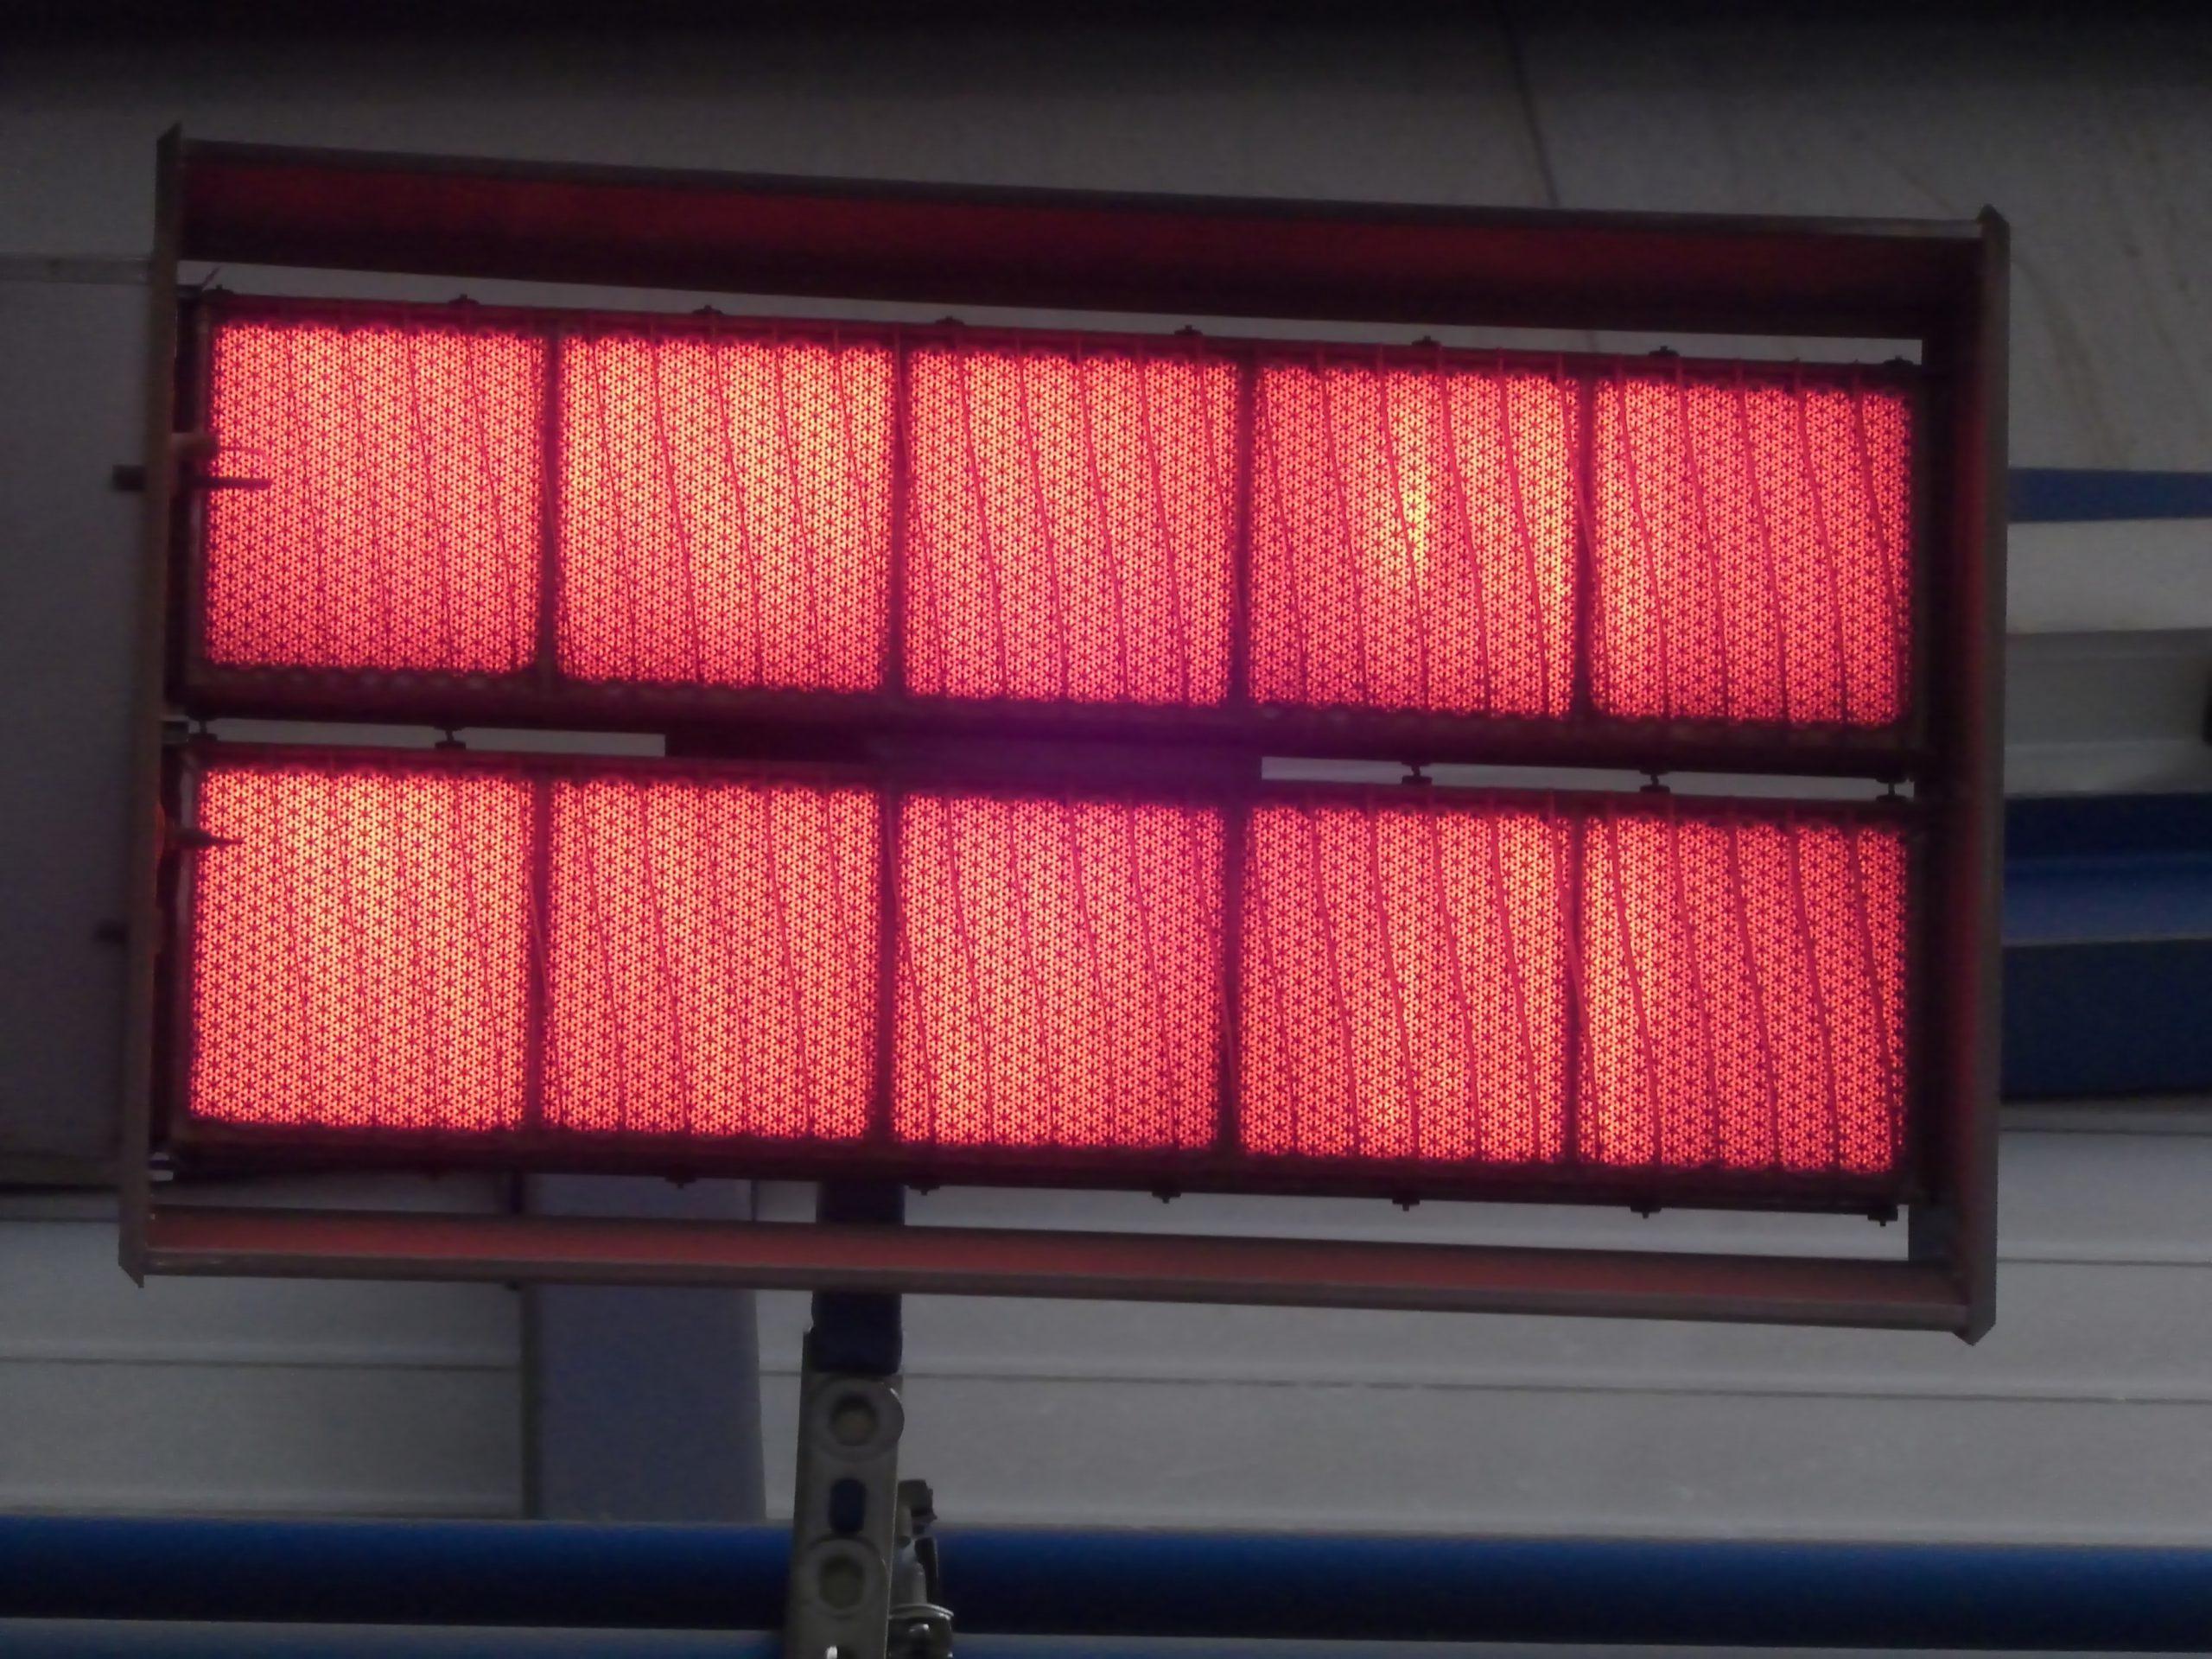 Promienniki podczerwieni - tani i prosty sposób na ciepło